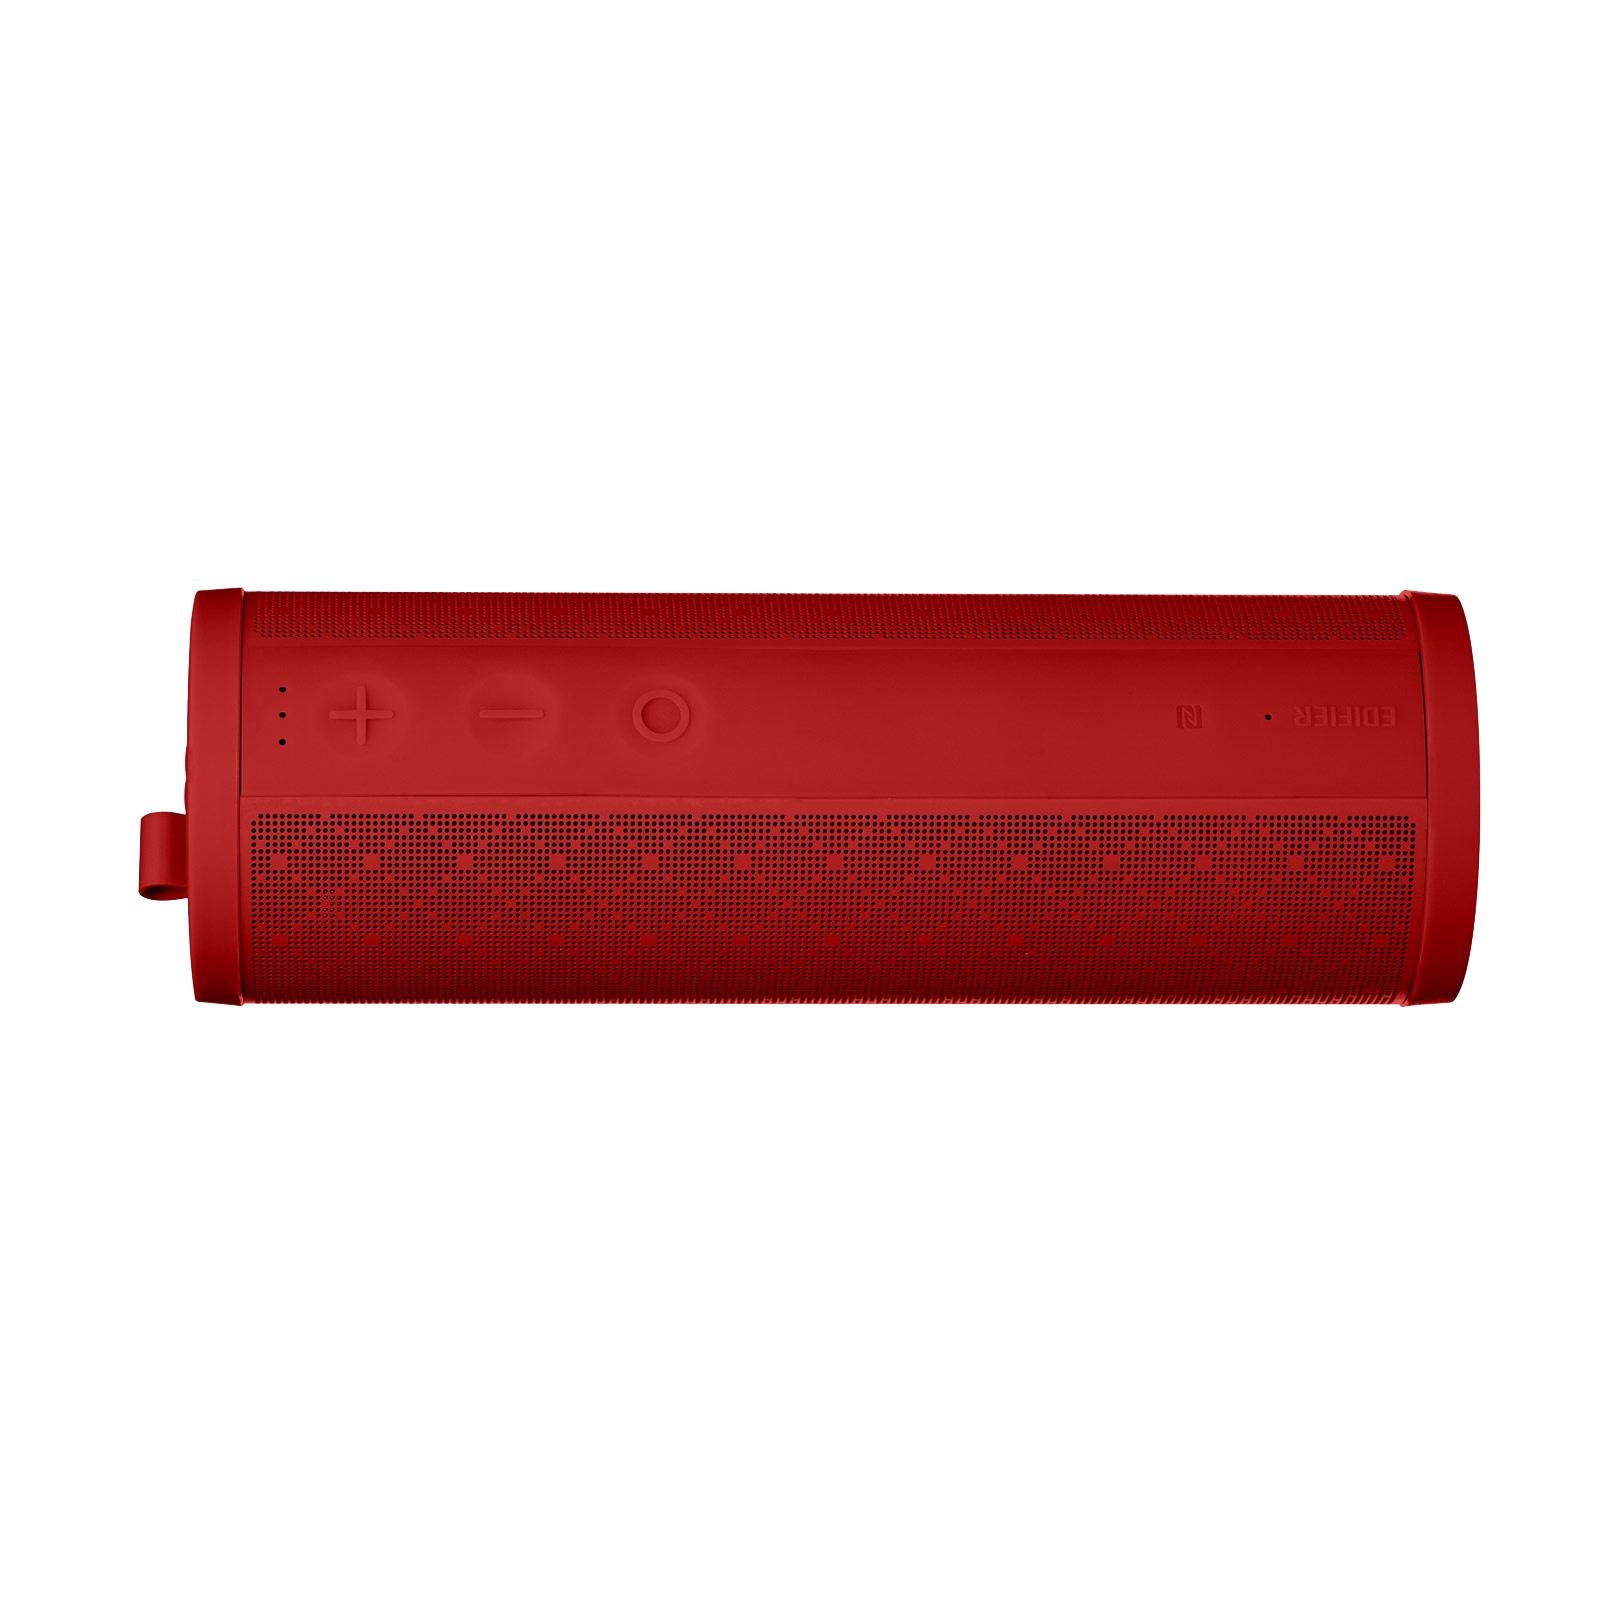 Беспроводная колонка Edifier MP280-Red колонка edifier r2730db